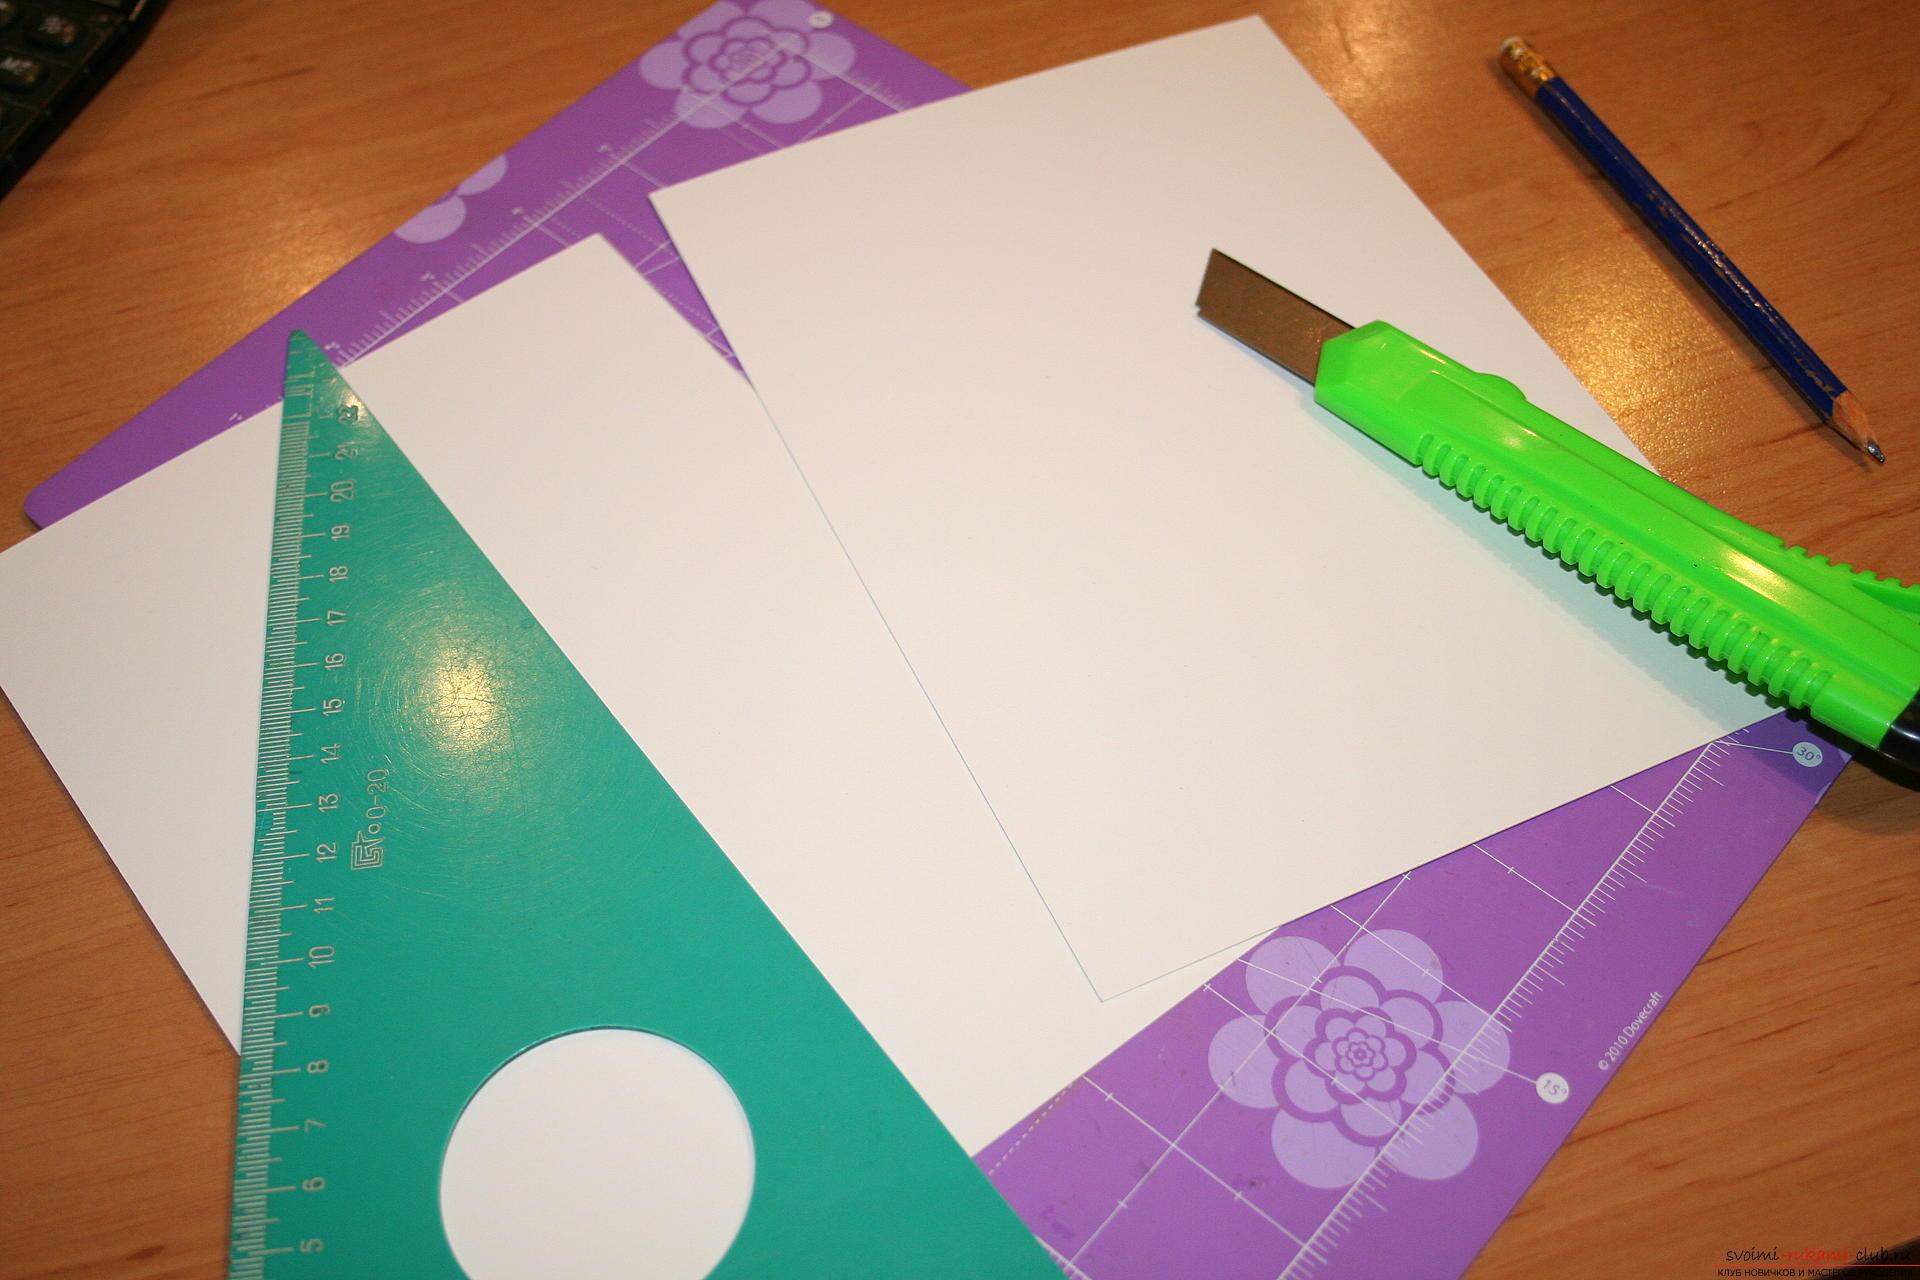 Этот мастер-класс научит как создать своими руками блокнот в технике скрапбукинг. Фото №3